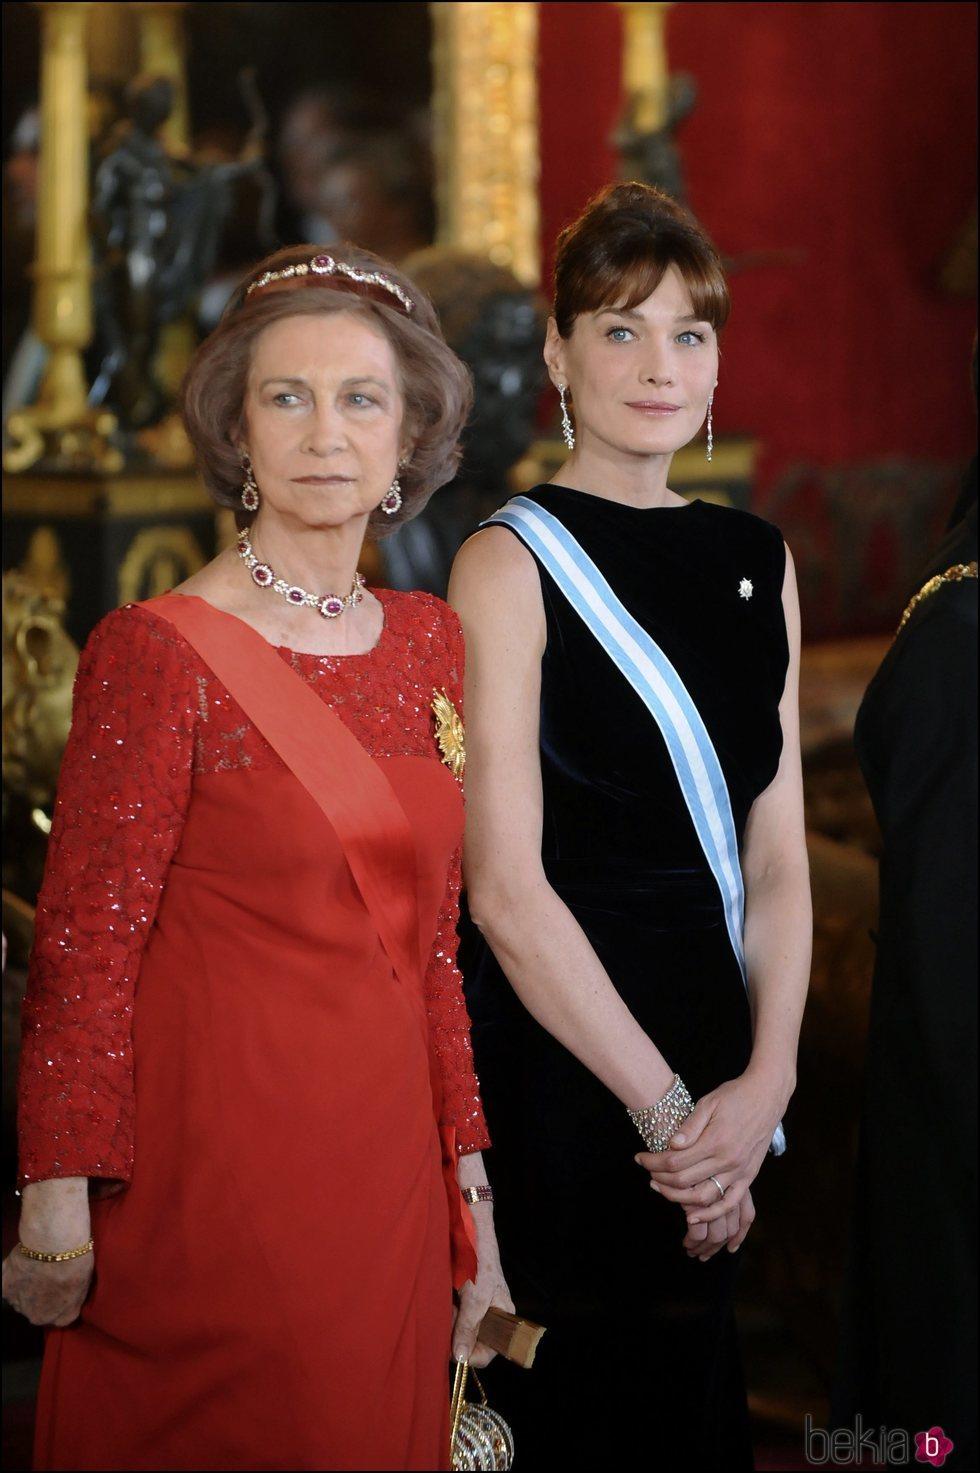 La Reina Sofía y Carla Bruni durante la recepción oficial a Nicolas Sarkozy